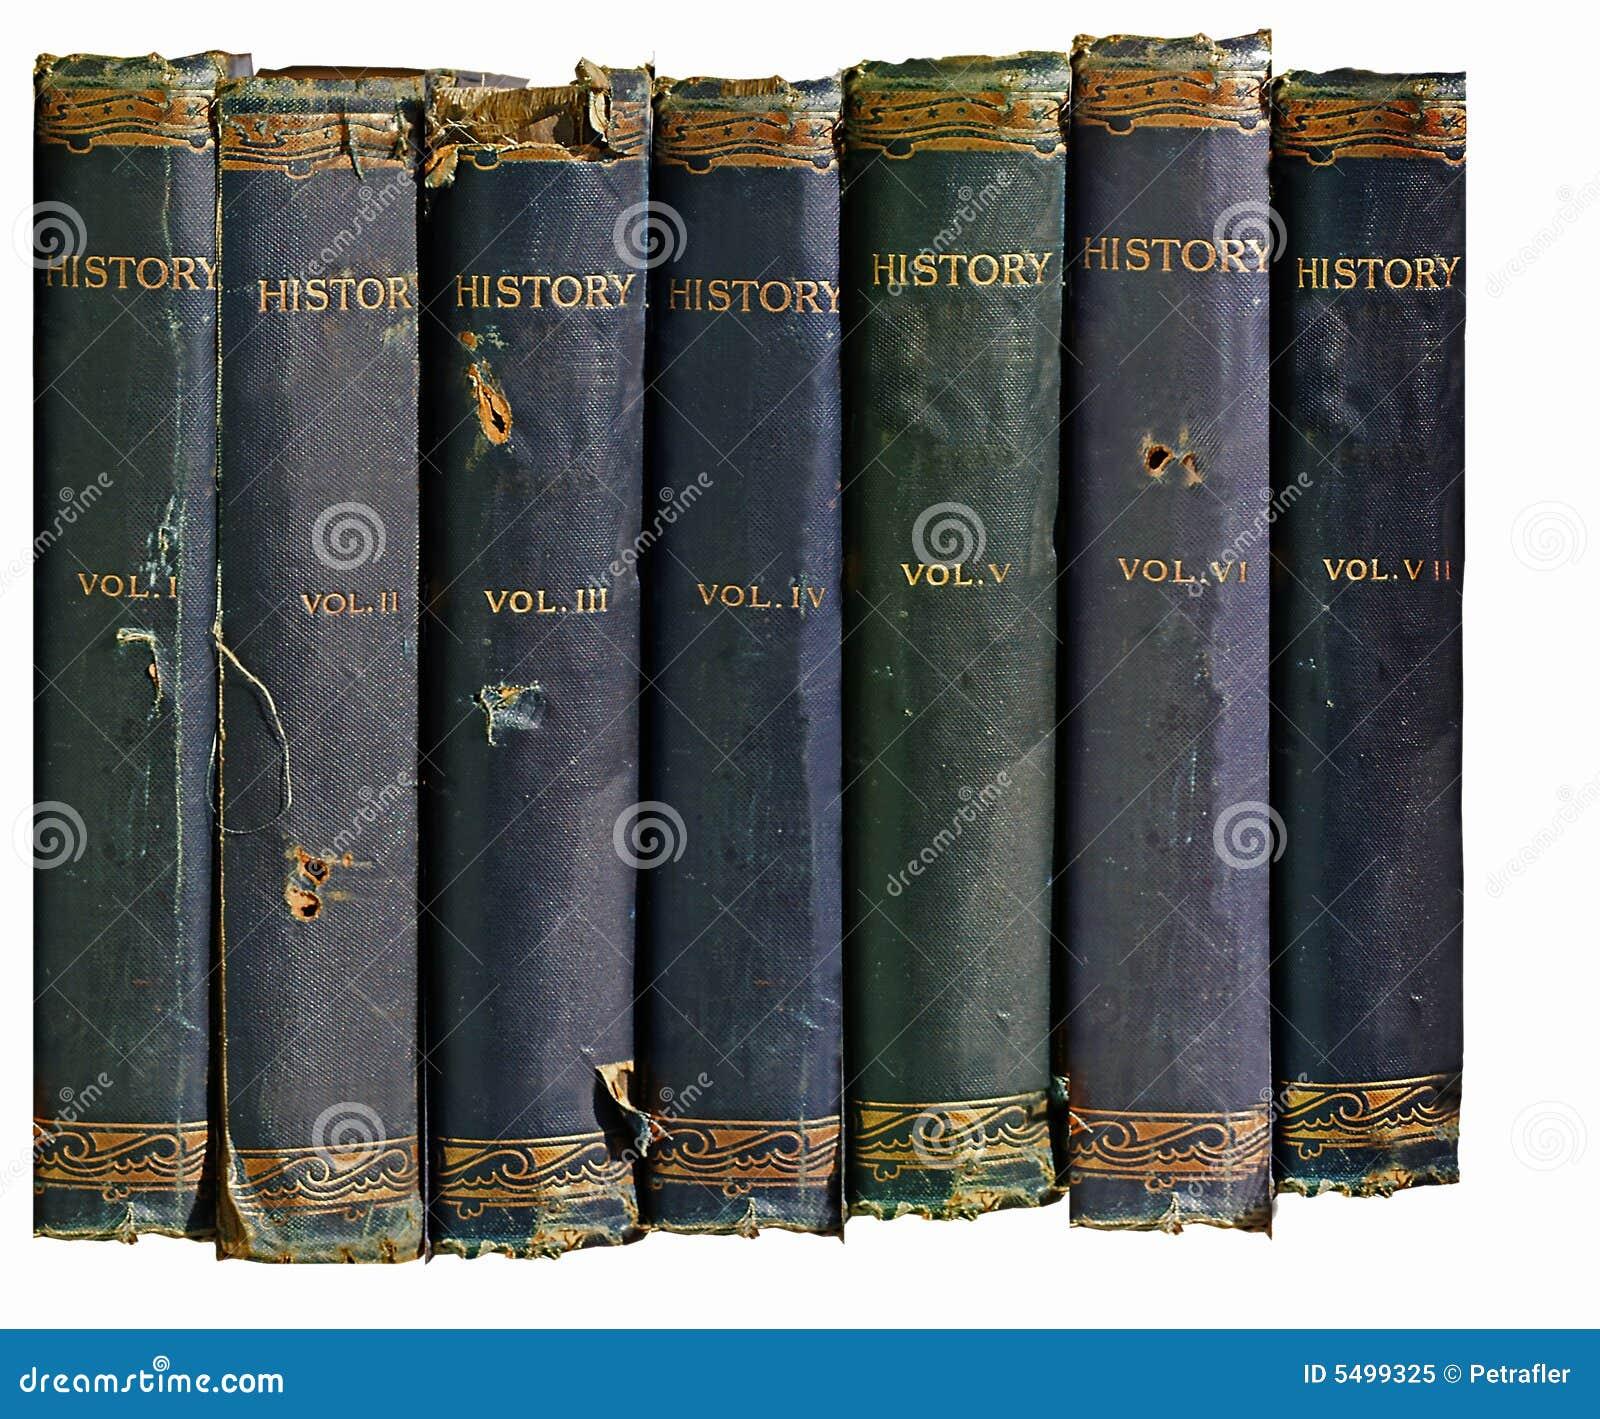 Books gammal historia